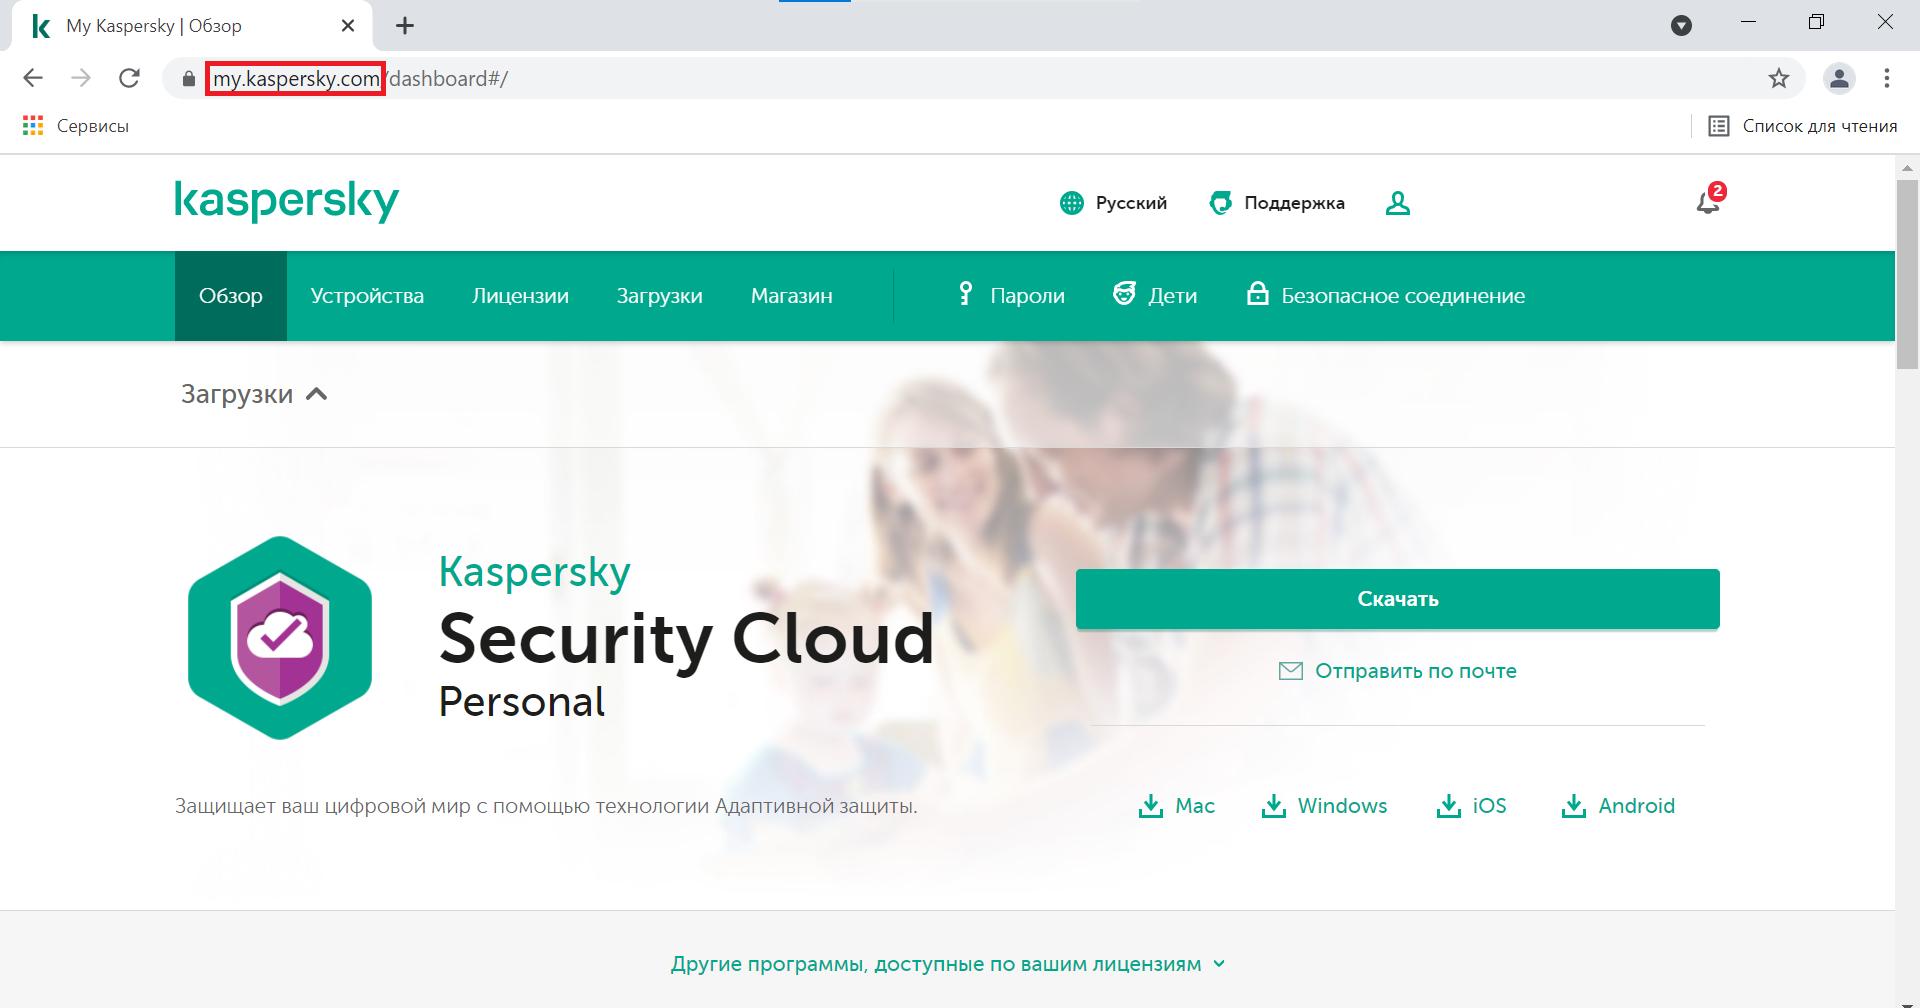 Как отправить лицензию через My Kaspersky на уже подключенное к аккаунту устройство